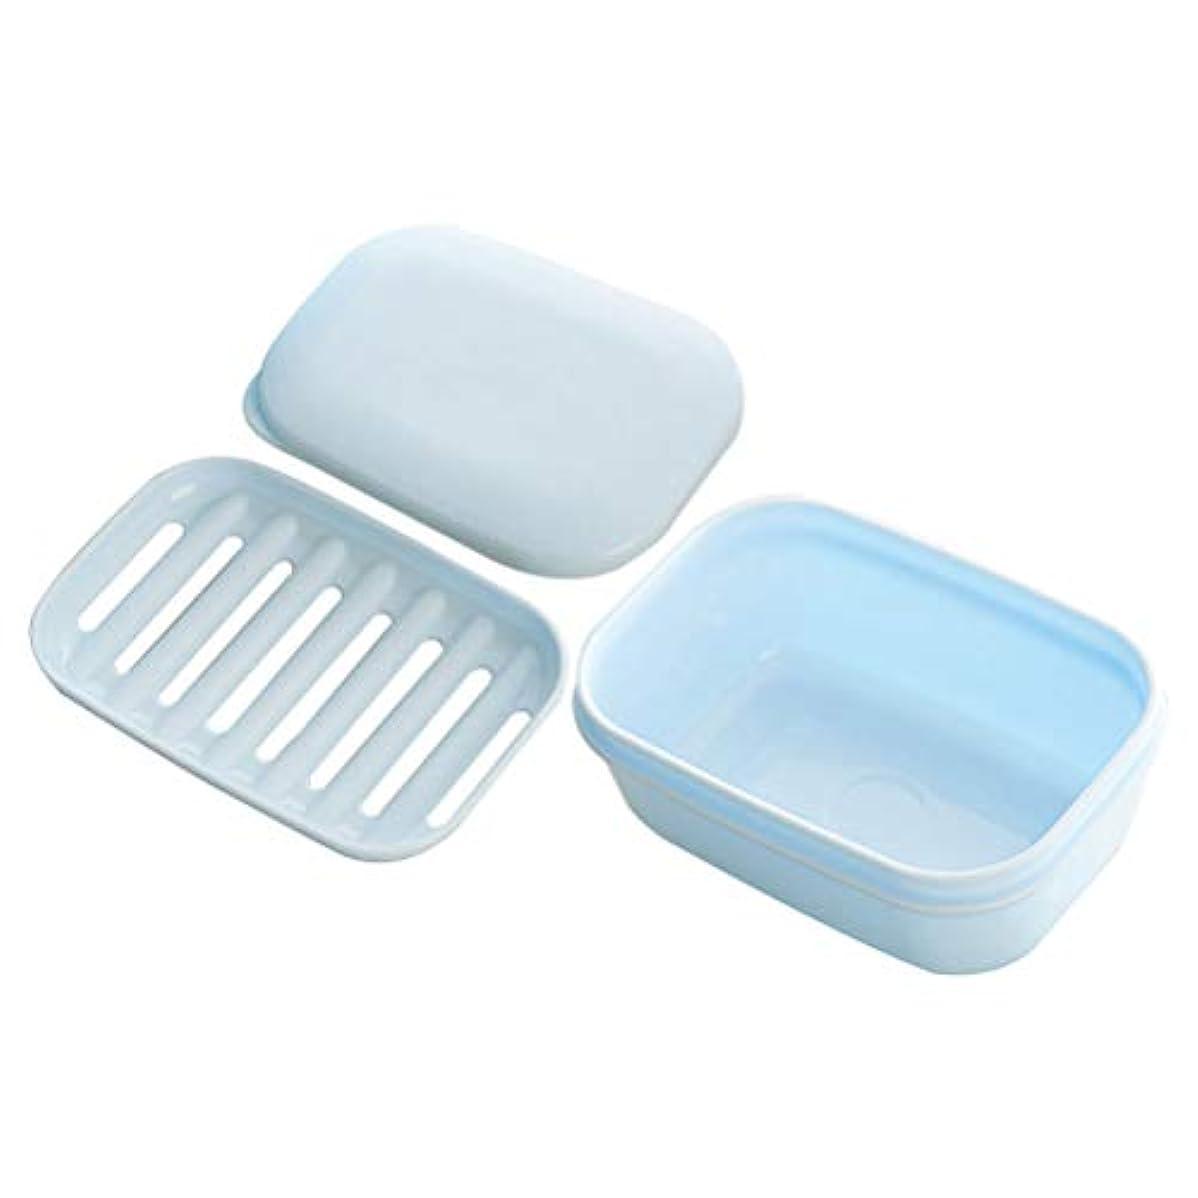 Healifty バスルームとキッチンのための排水石けんケースの容器と2pcsDouble層の石鹸ボックスの石鹸の皿